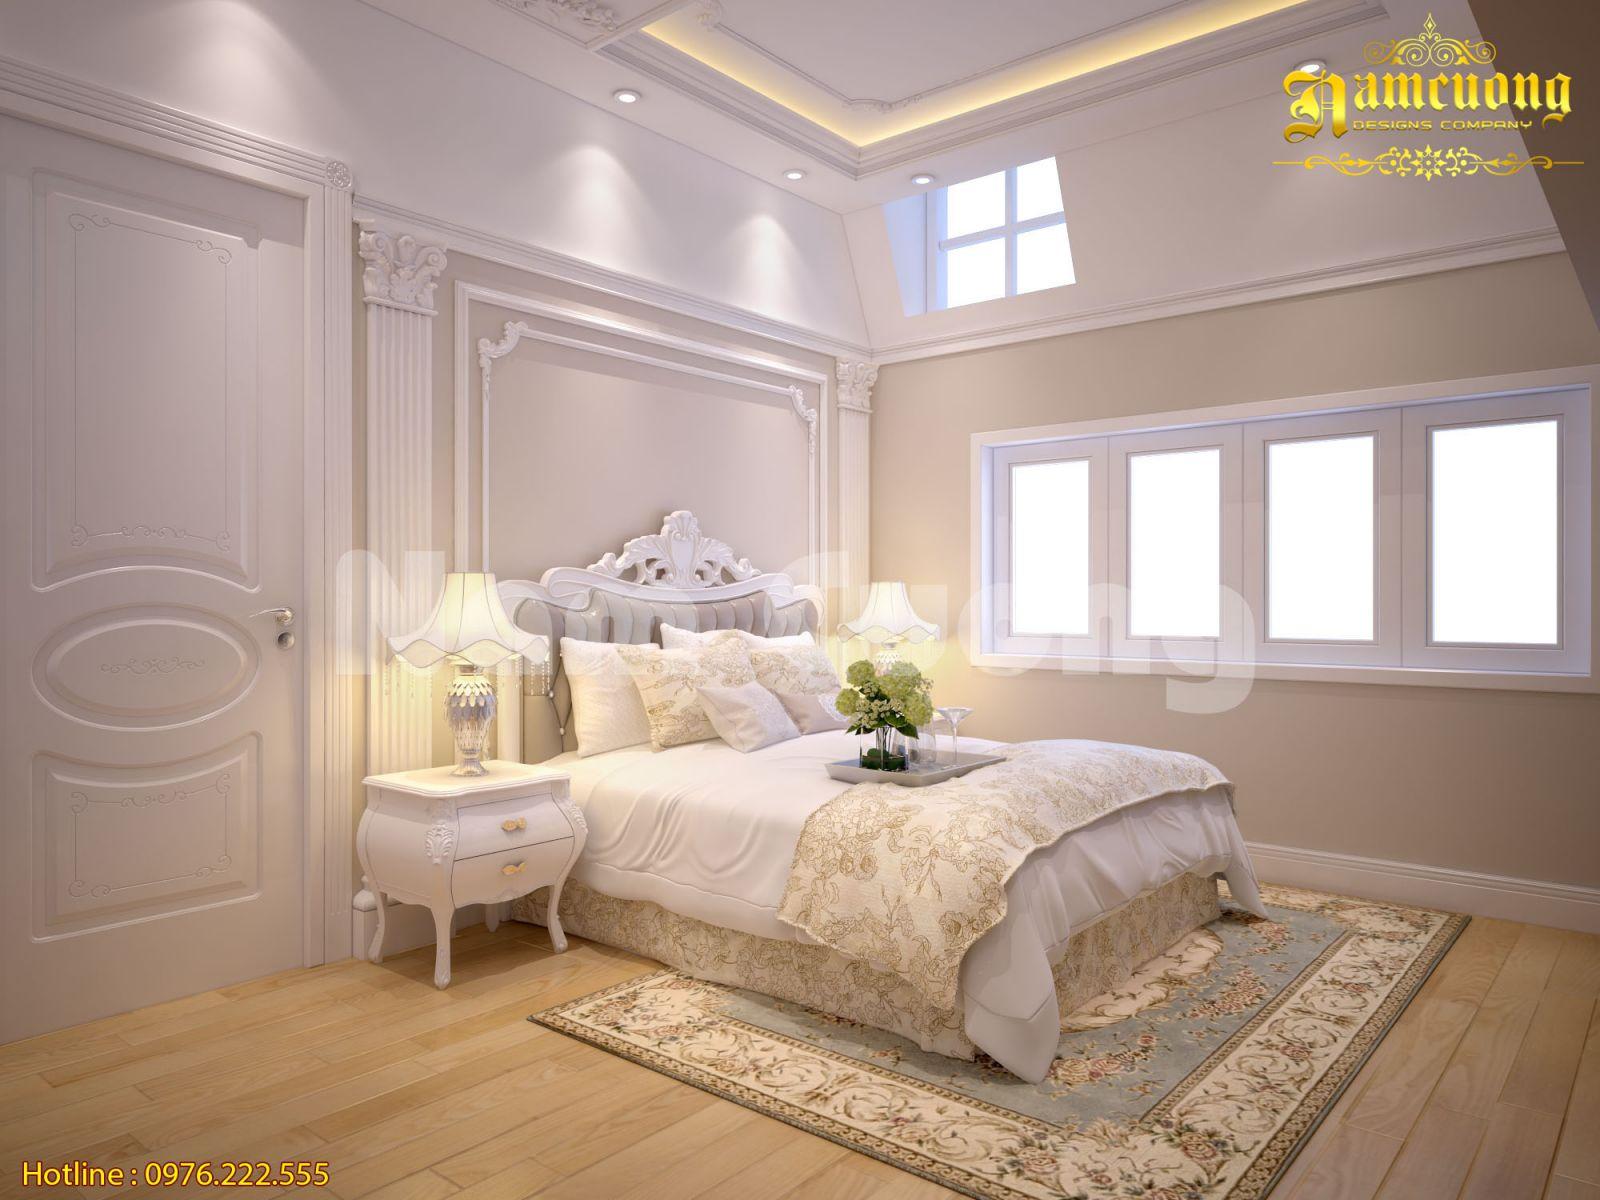 Mẫu thiết kế phòng ngủ tân cổ điển tại Móng Cái